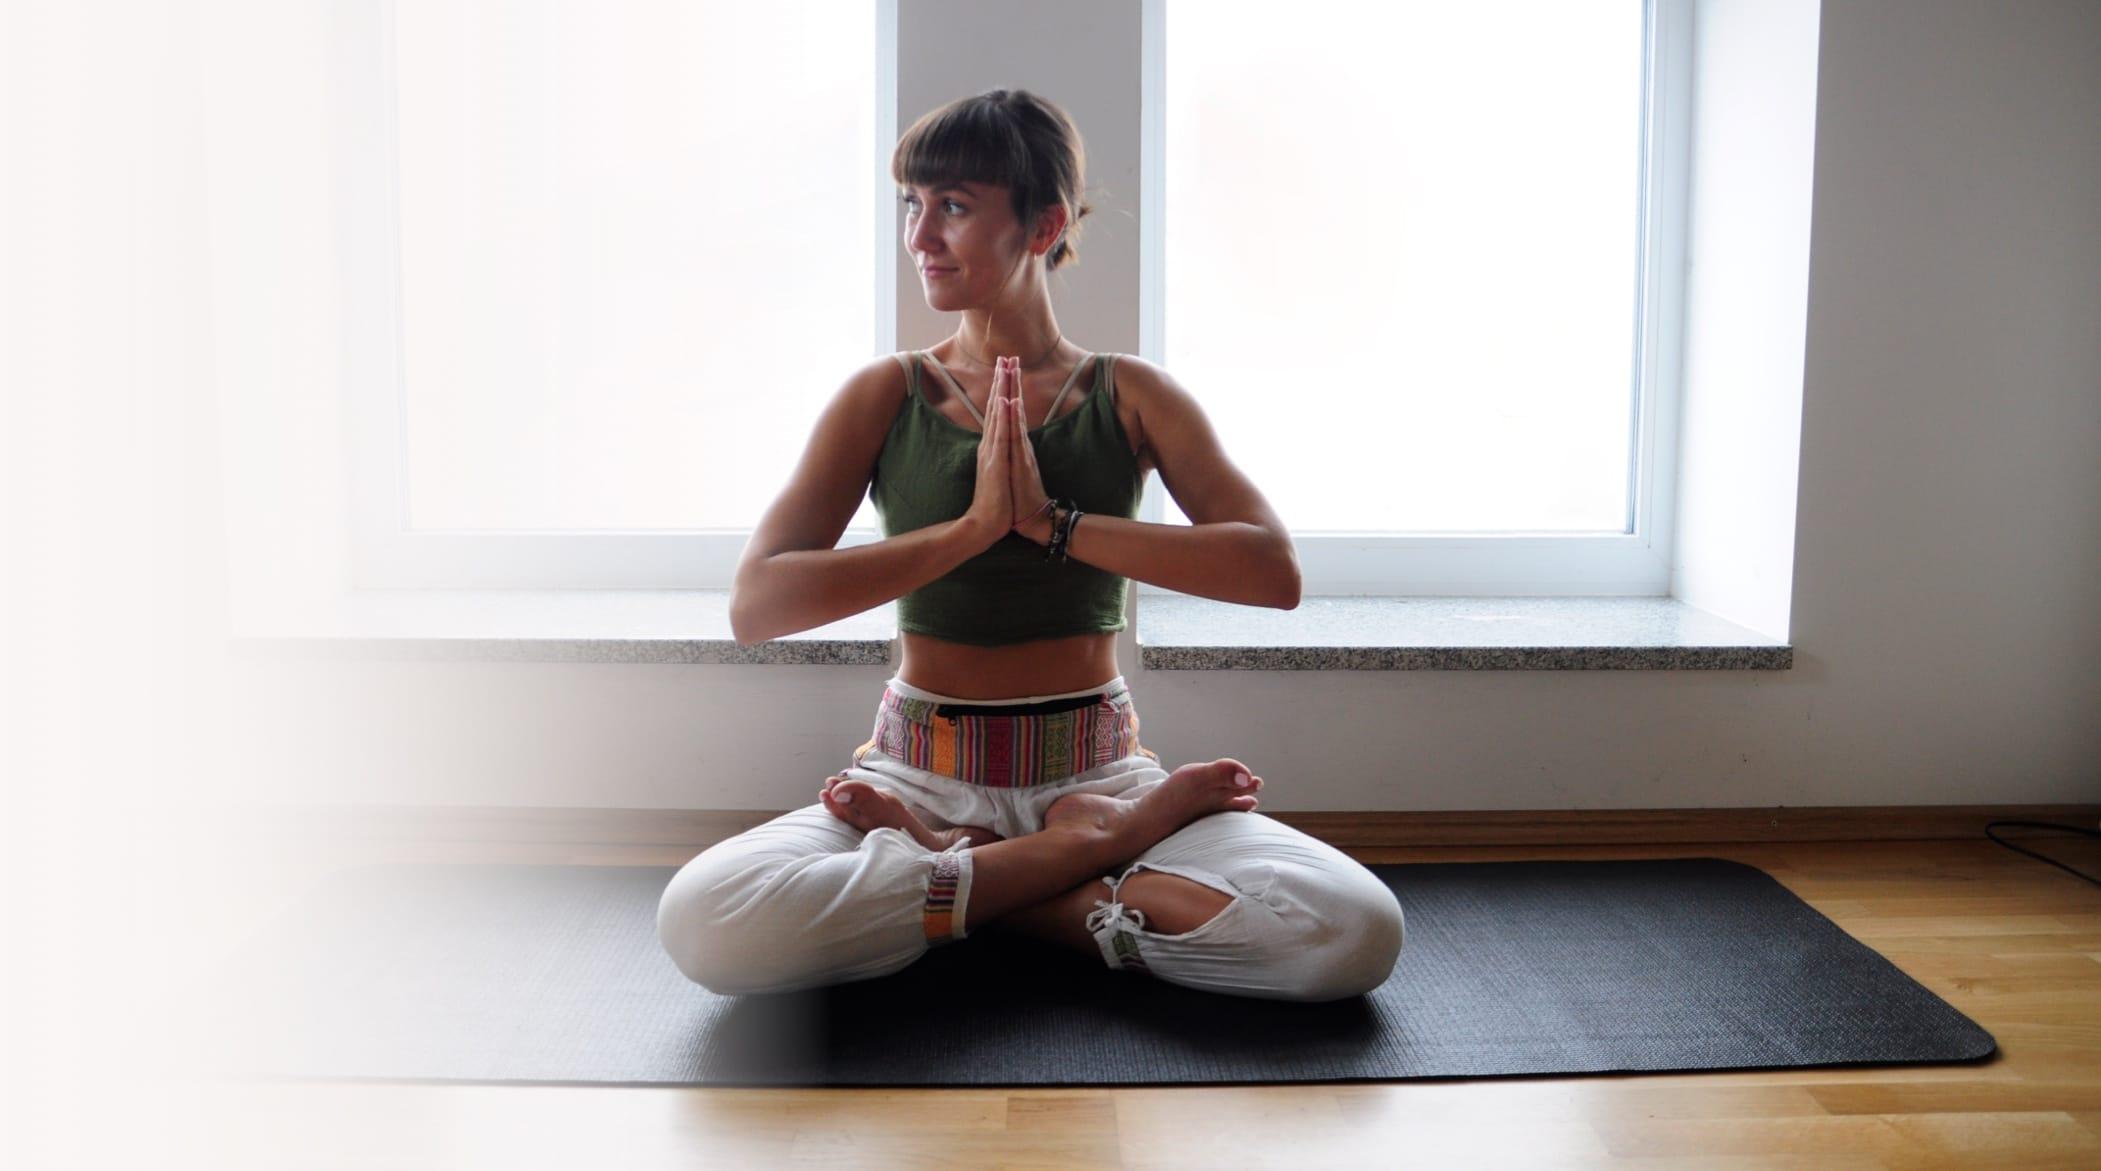 Steffi Yoga